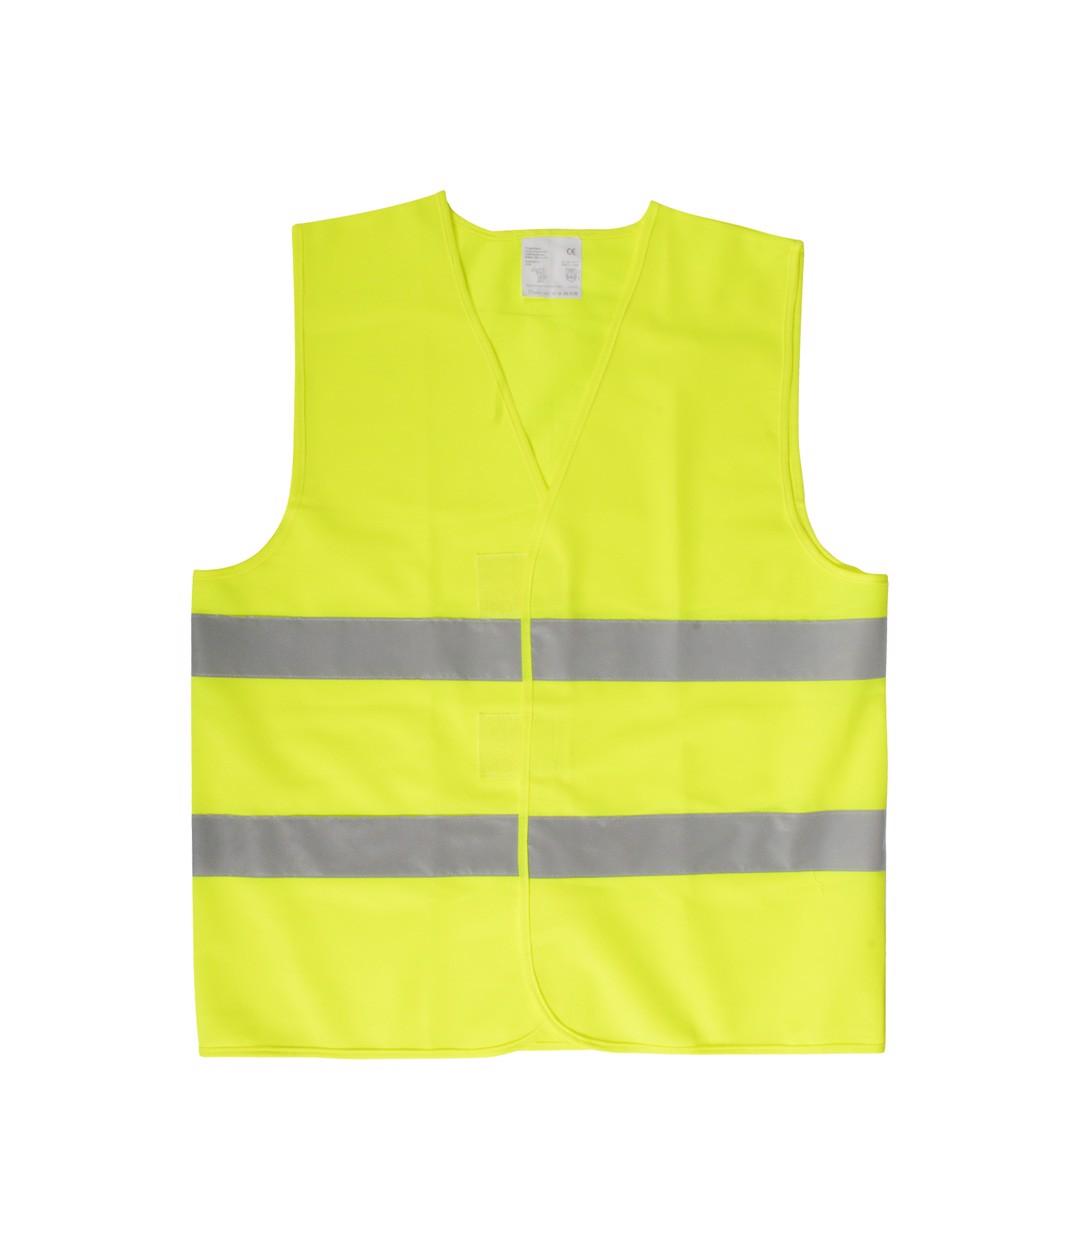 Dětská Reflexní Vesta Visibo Mini - Bezpečnostní Žlutá